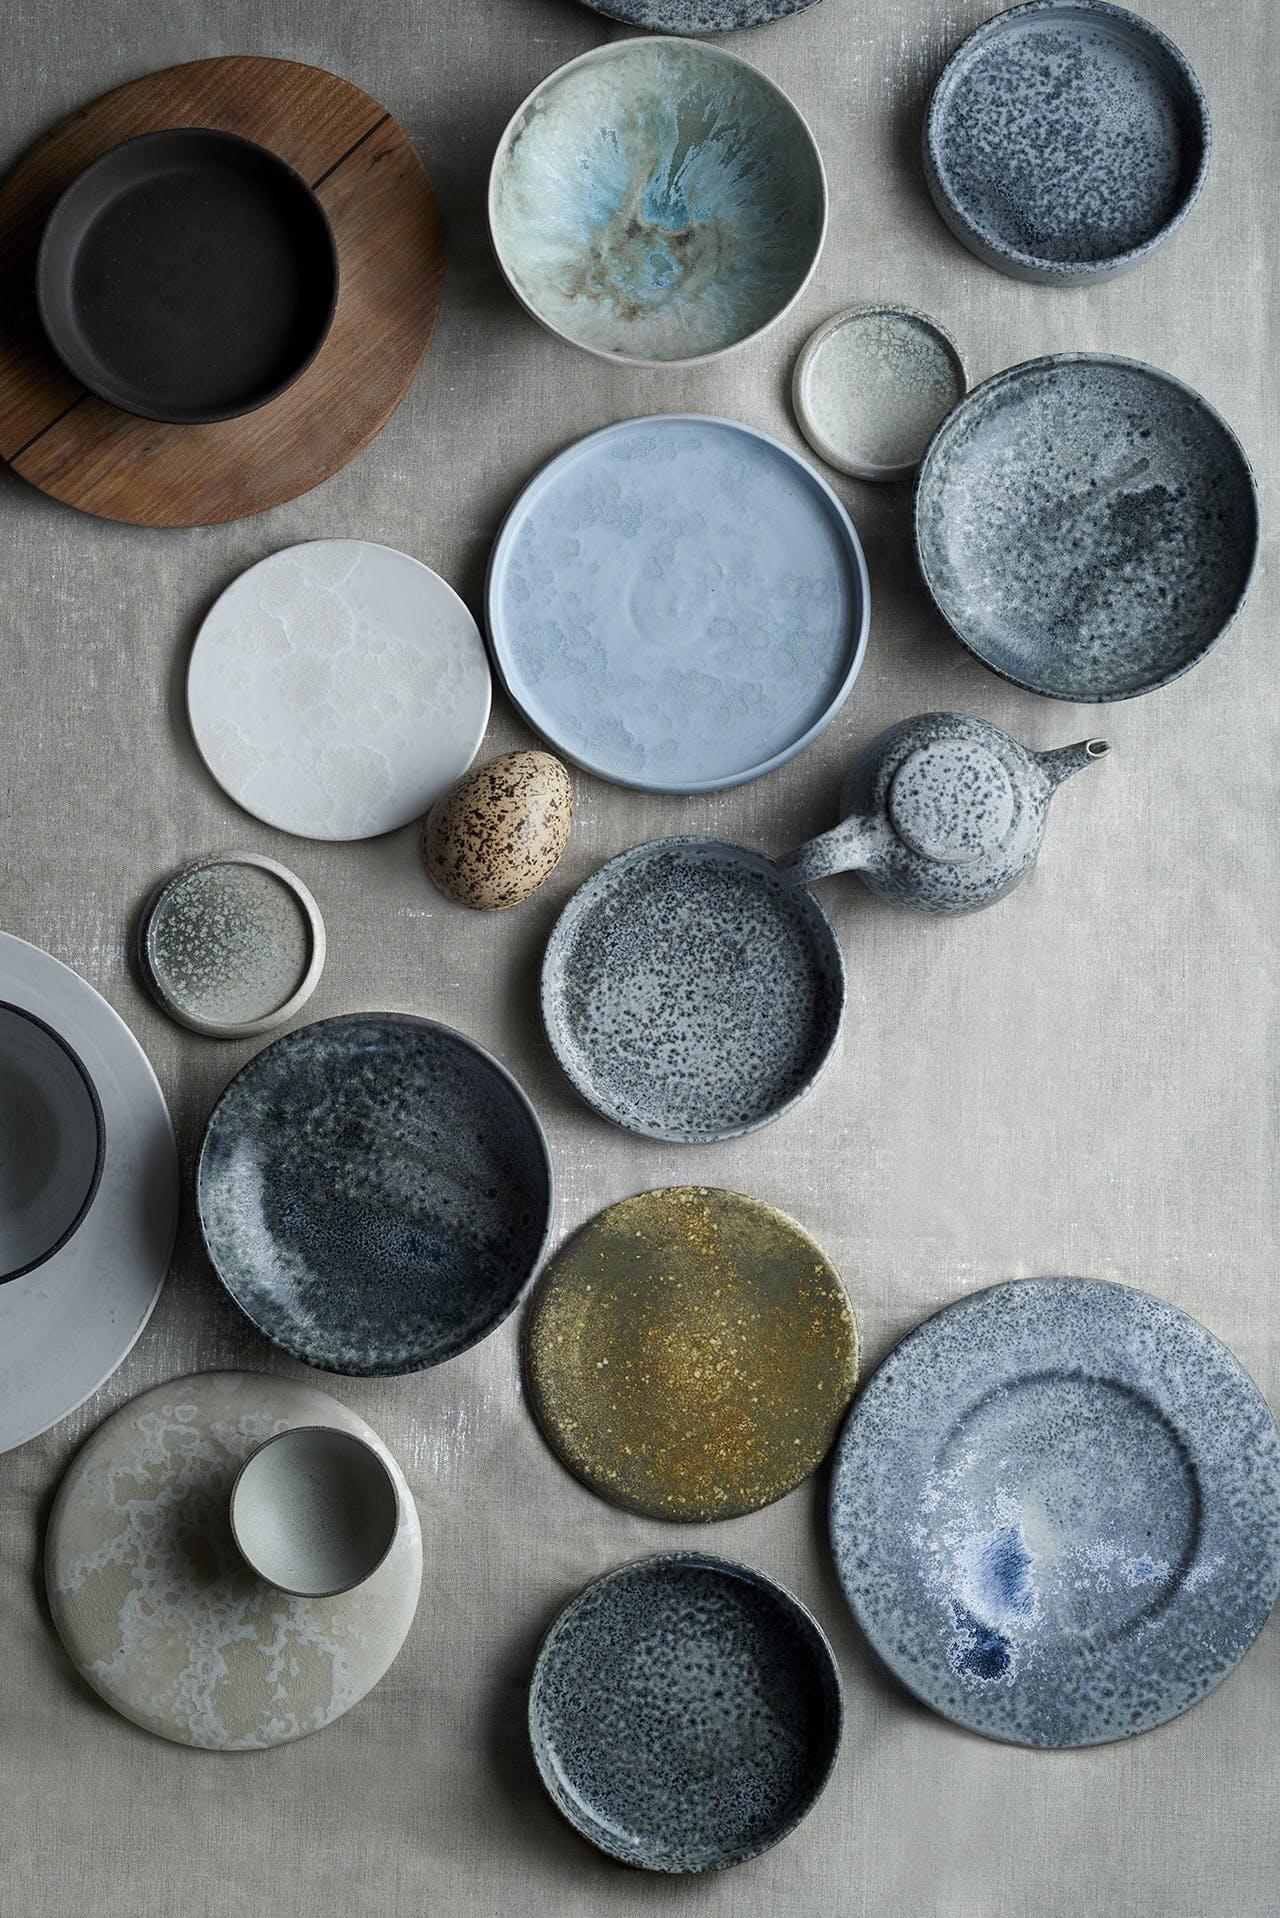 Würtz Aage kasper Noma porcelæn